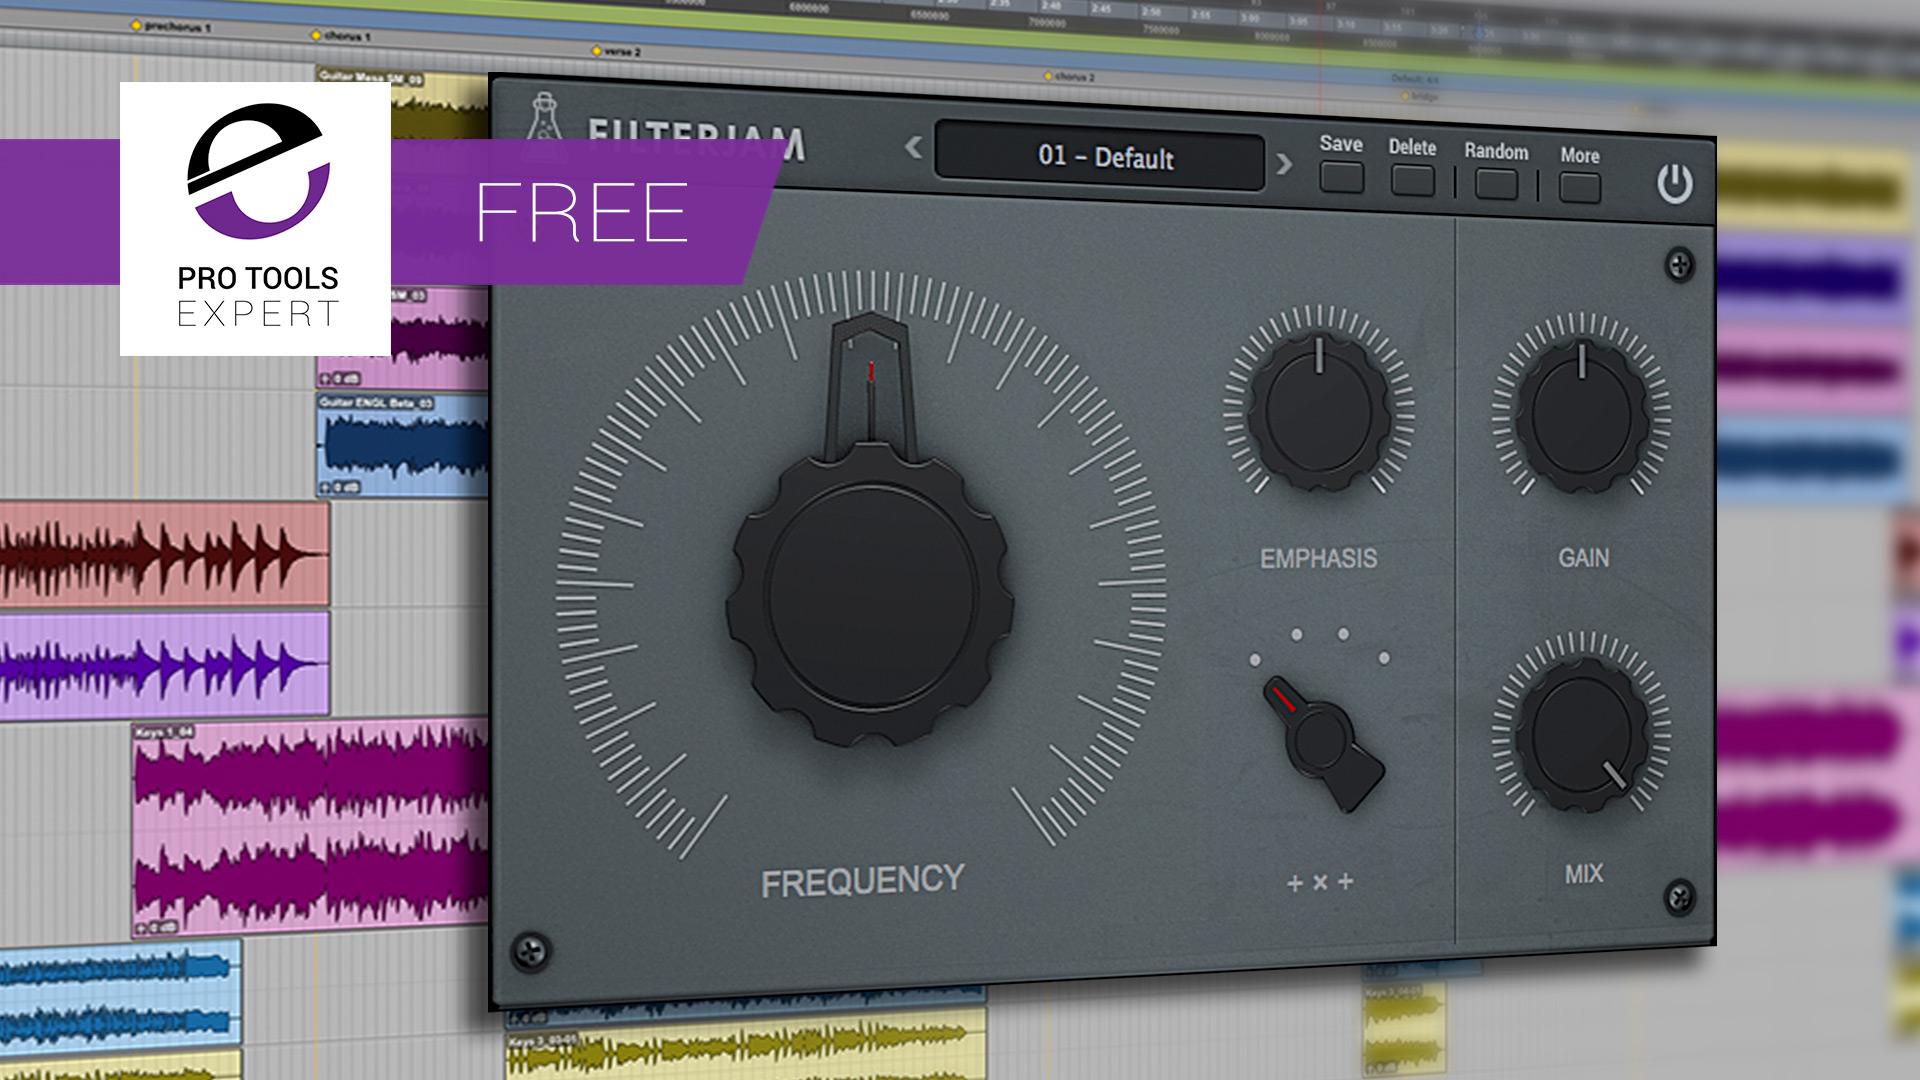 free-pro-tools-plugin-filterjam-plugin-boutique-audiothing.jpg